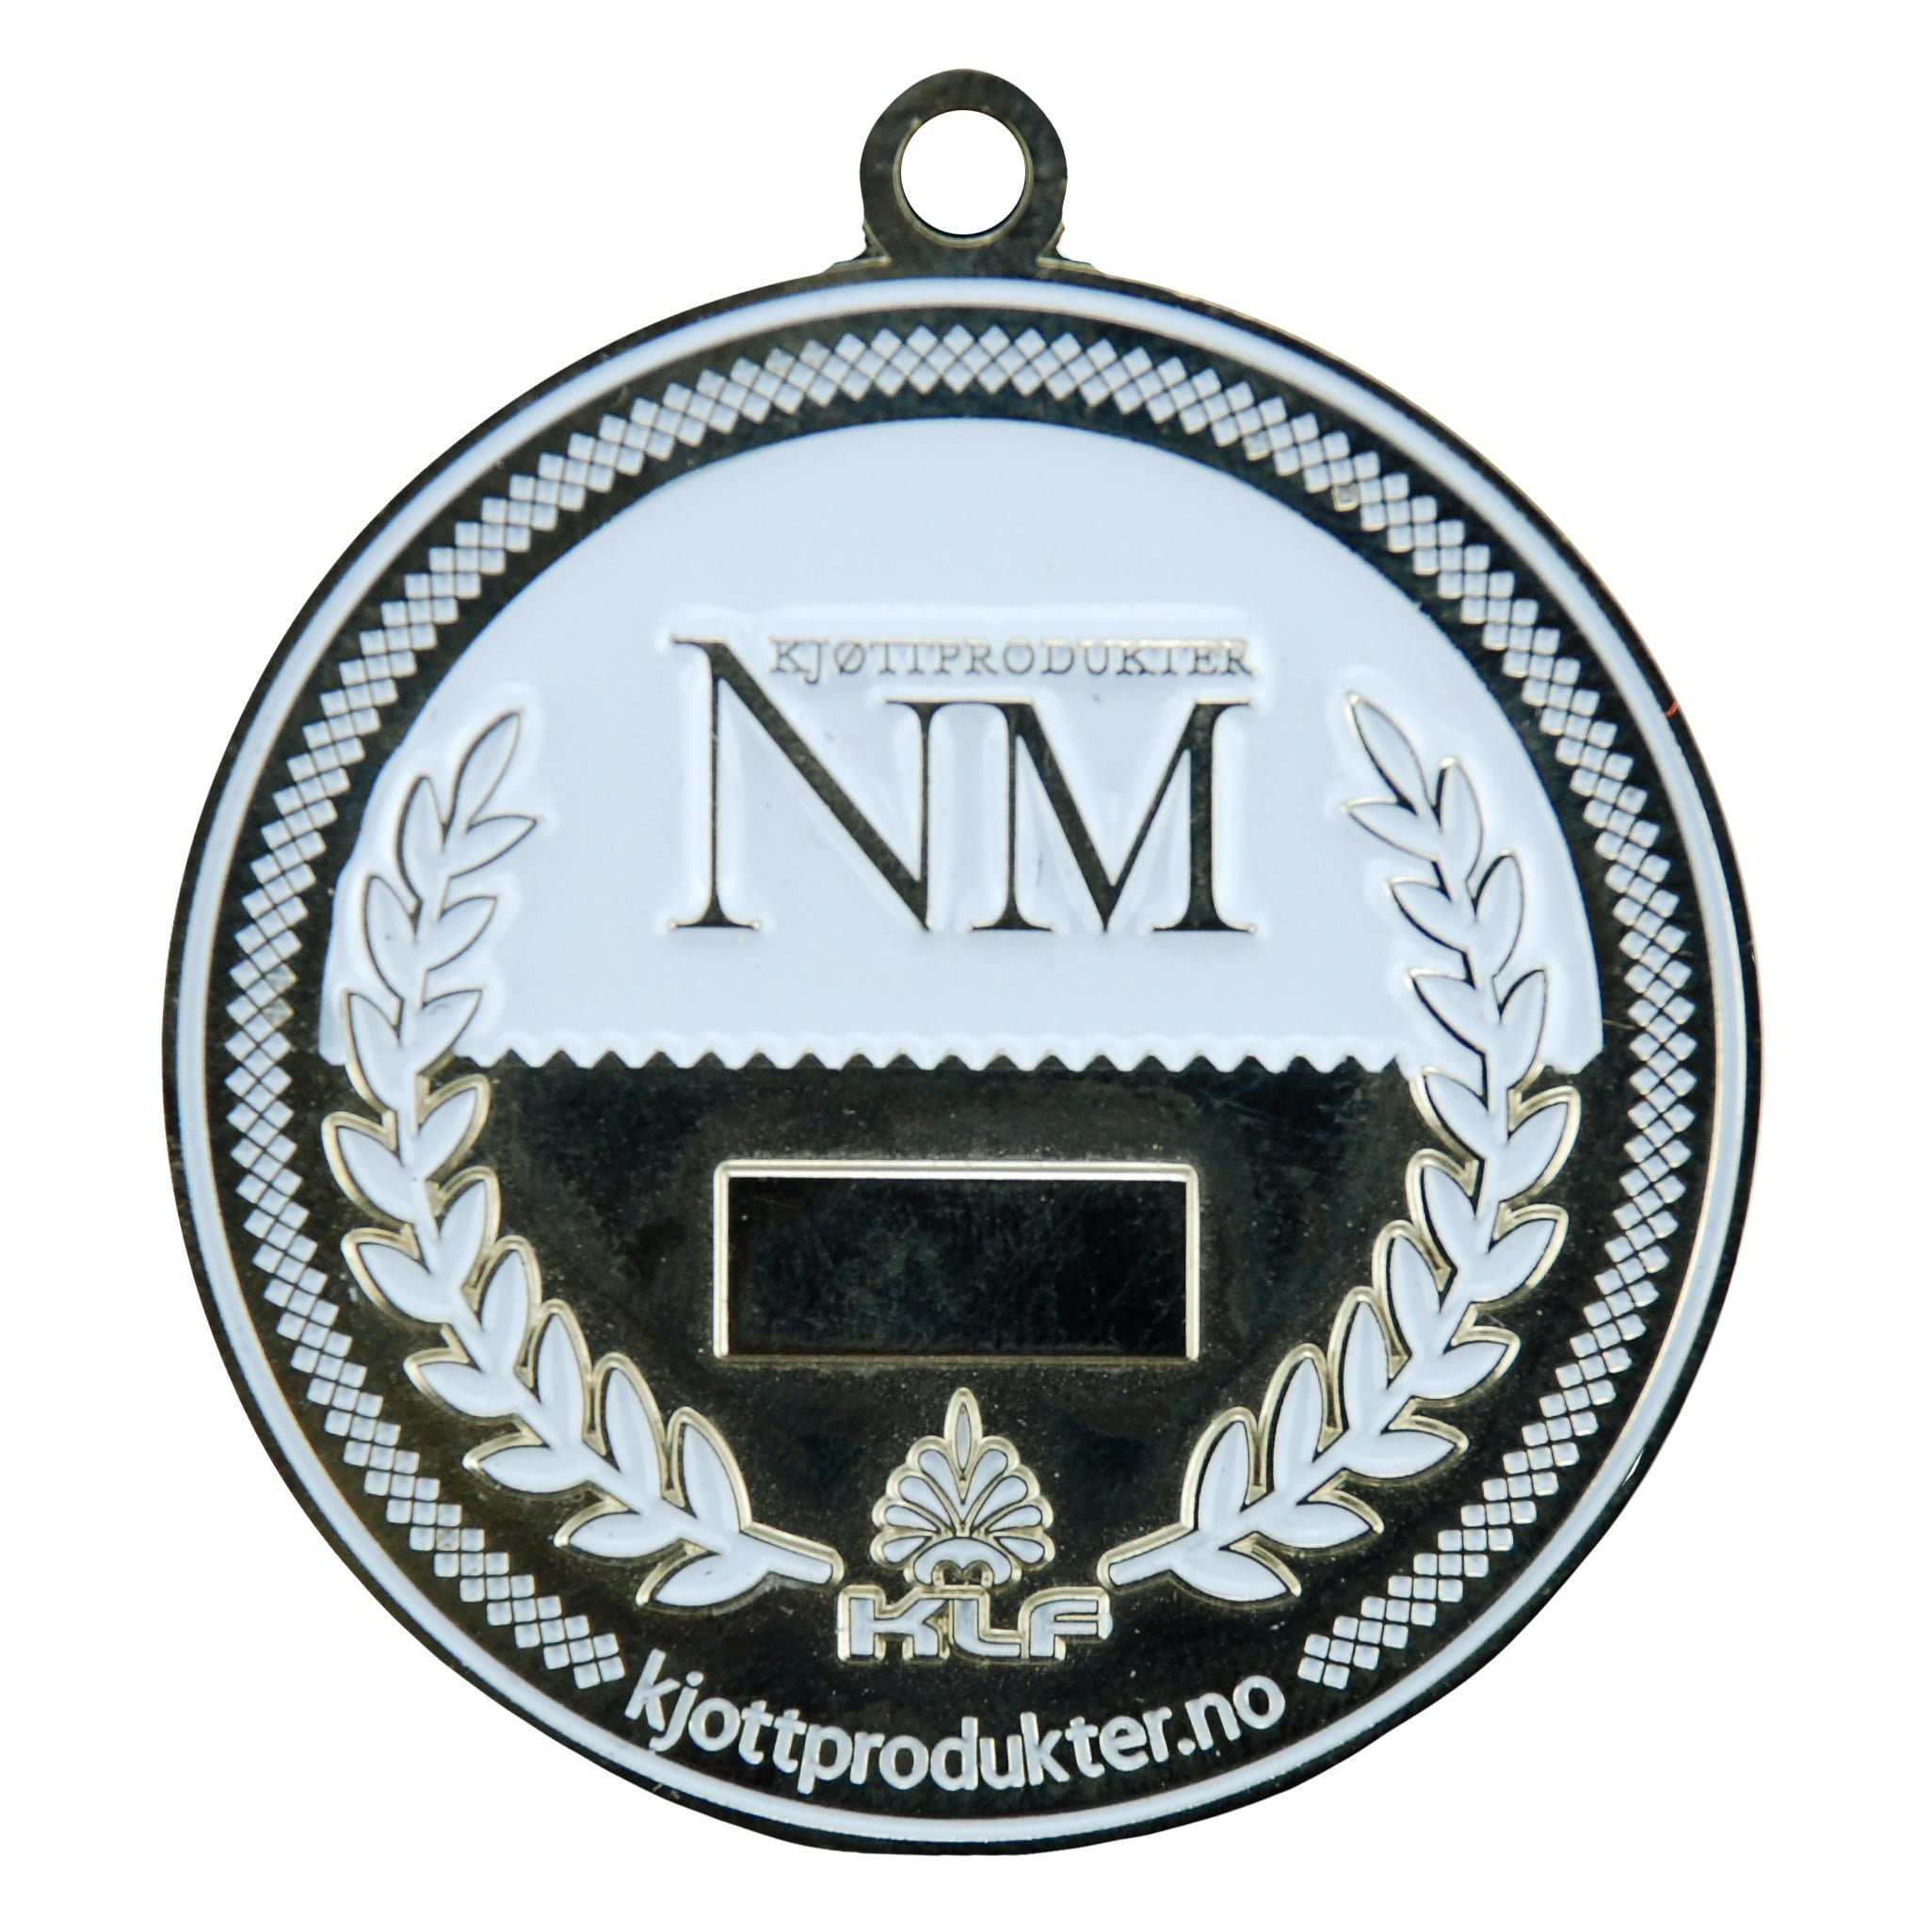 Spesial NM Kjott S - Spesialproduserte medaljer